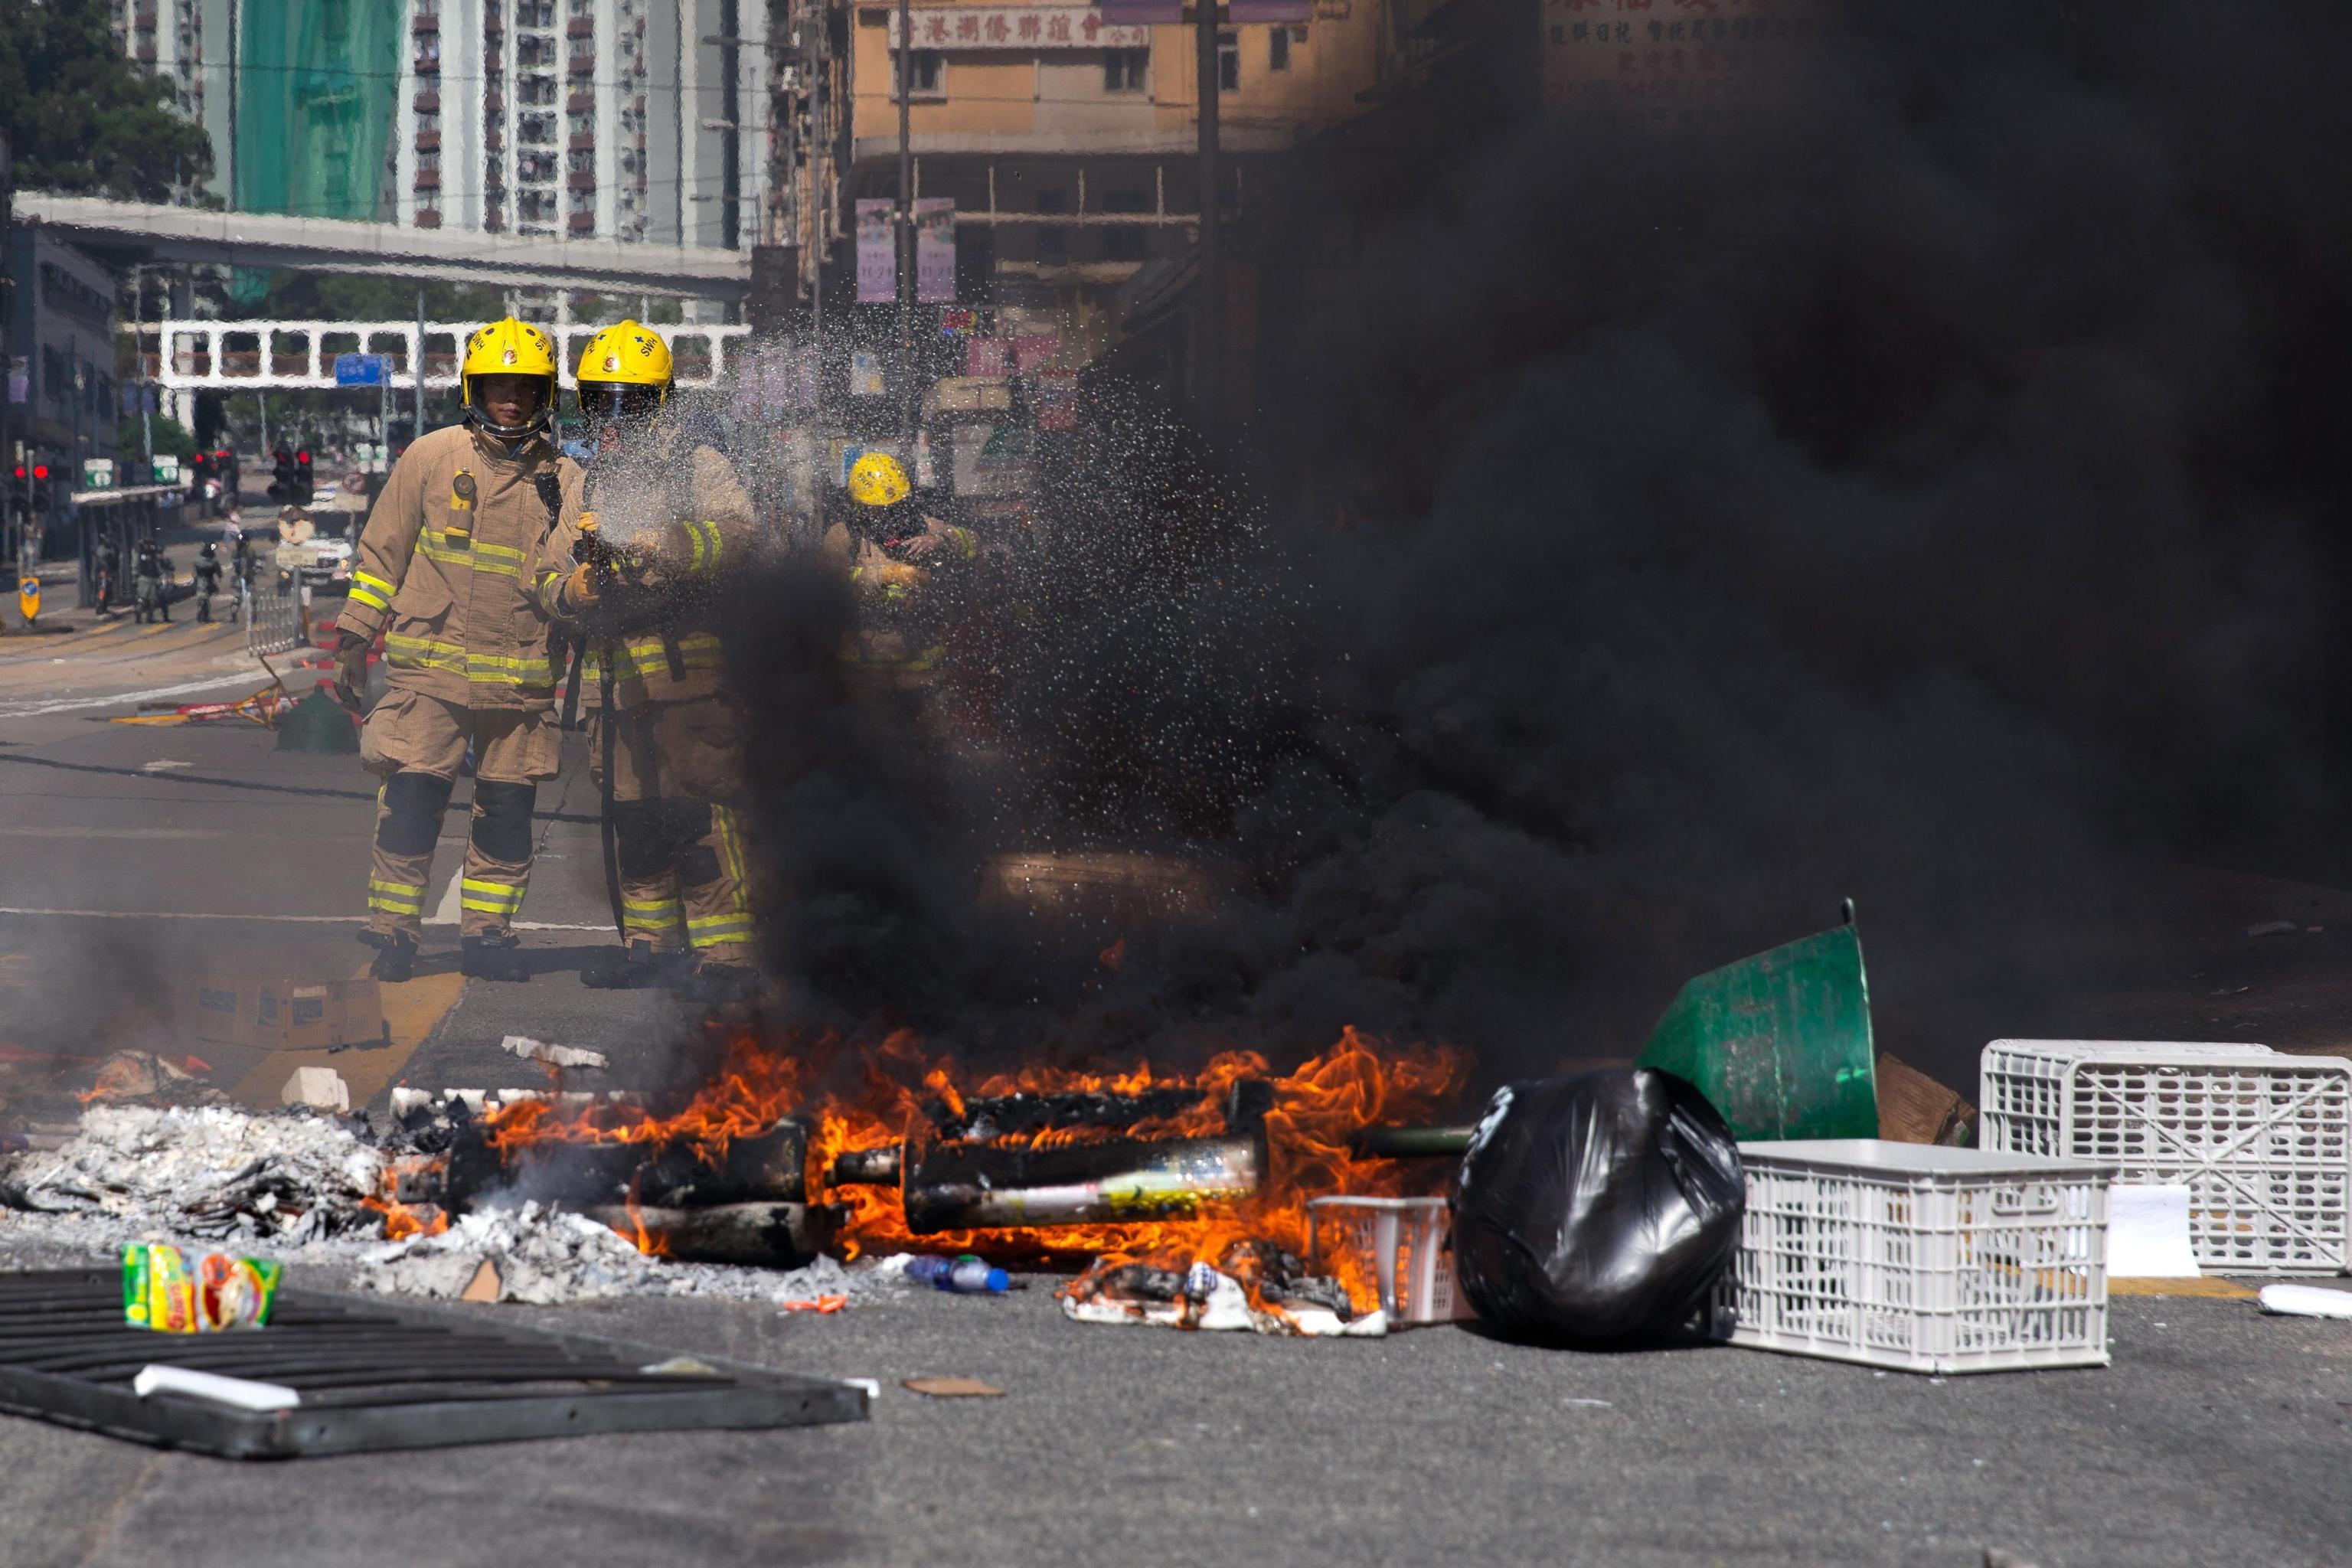 La protesta di Hong Kong infiamma tutta la città. Due pompieri alle prese con le barricate date fuoco dai manifestanti